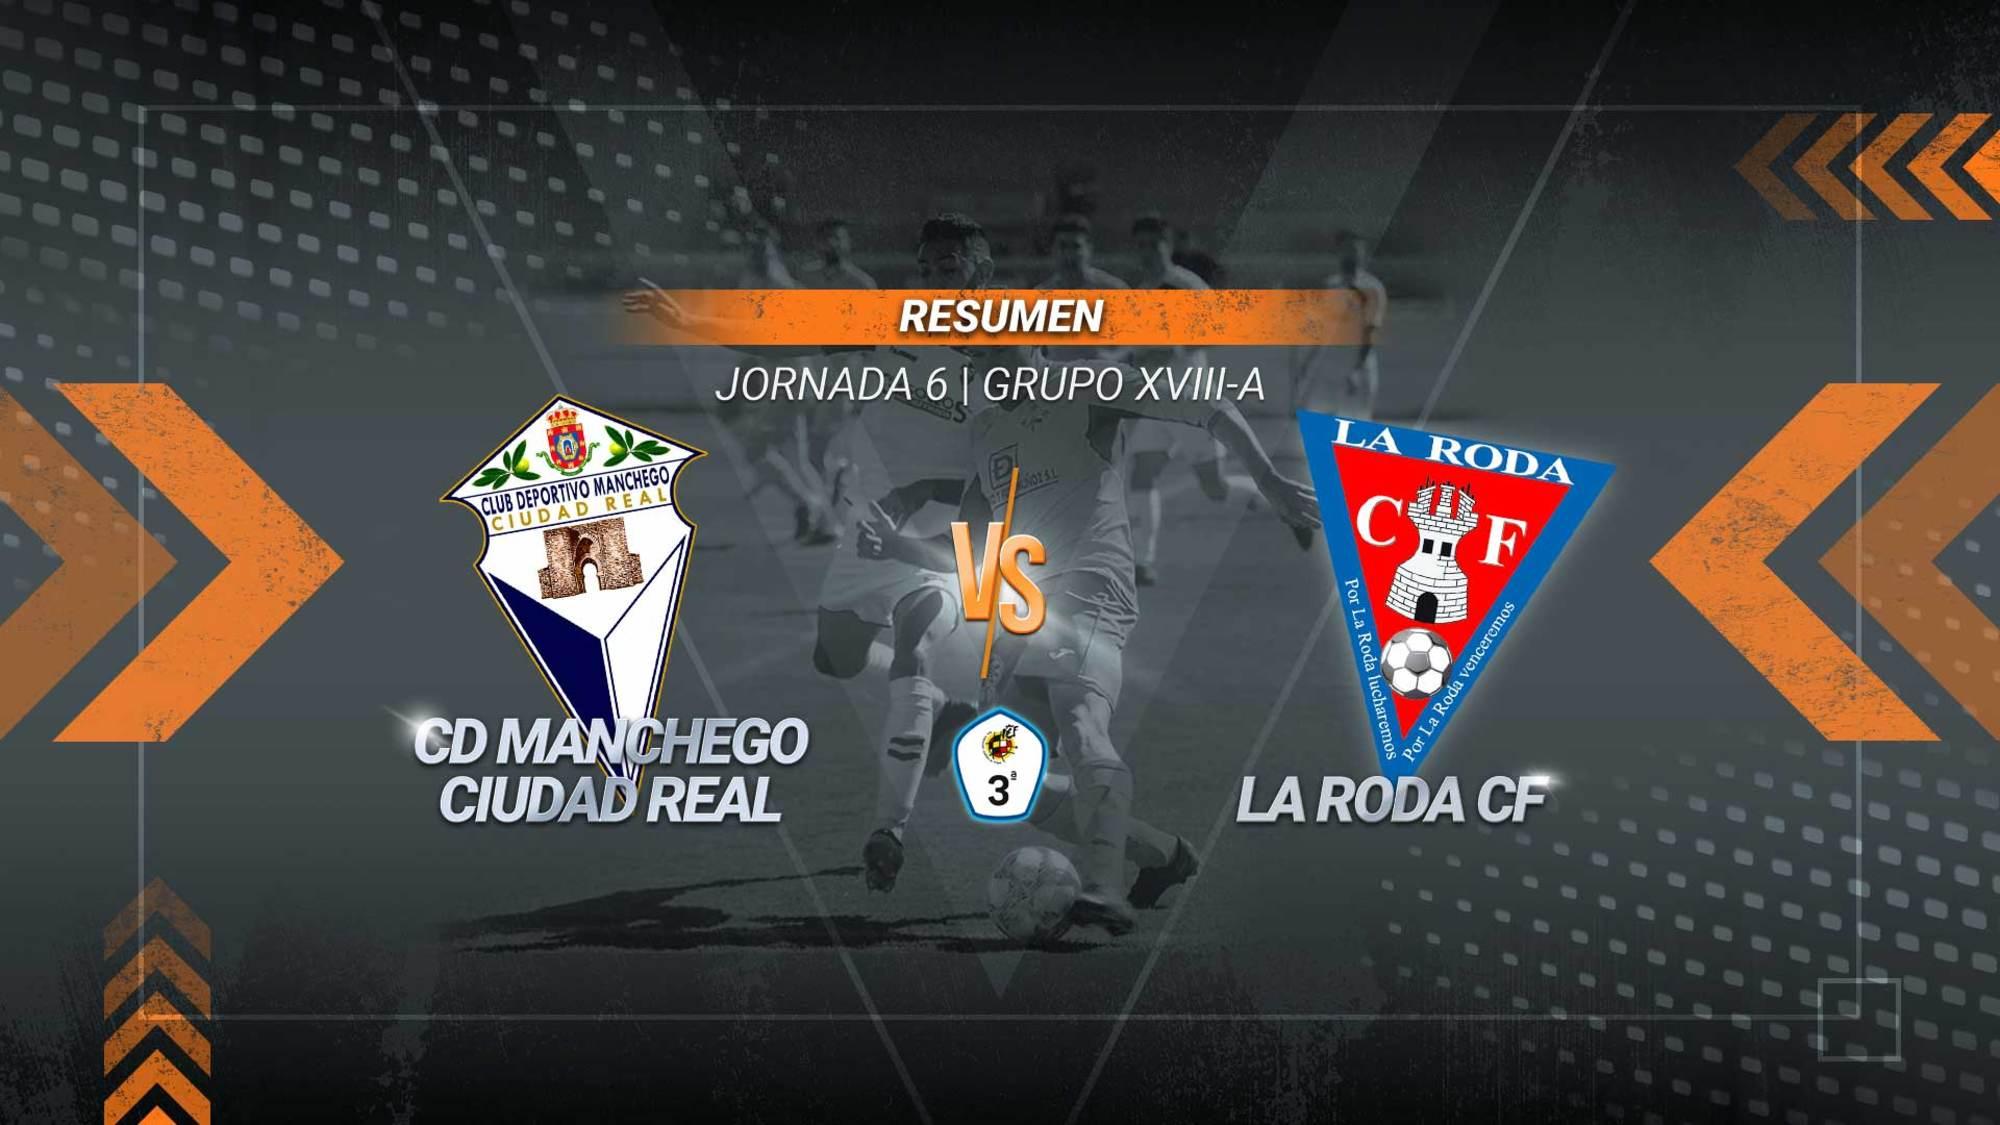 Goleada del Manchego con dos tantos de Castro y uno de Santi Real, en un encuentro que supone la primera derrota de la presente temporada para La Roda de Jovi.